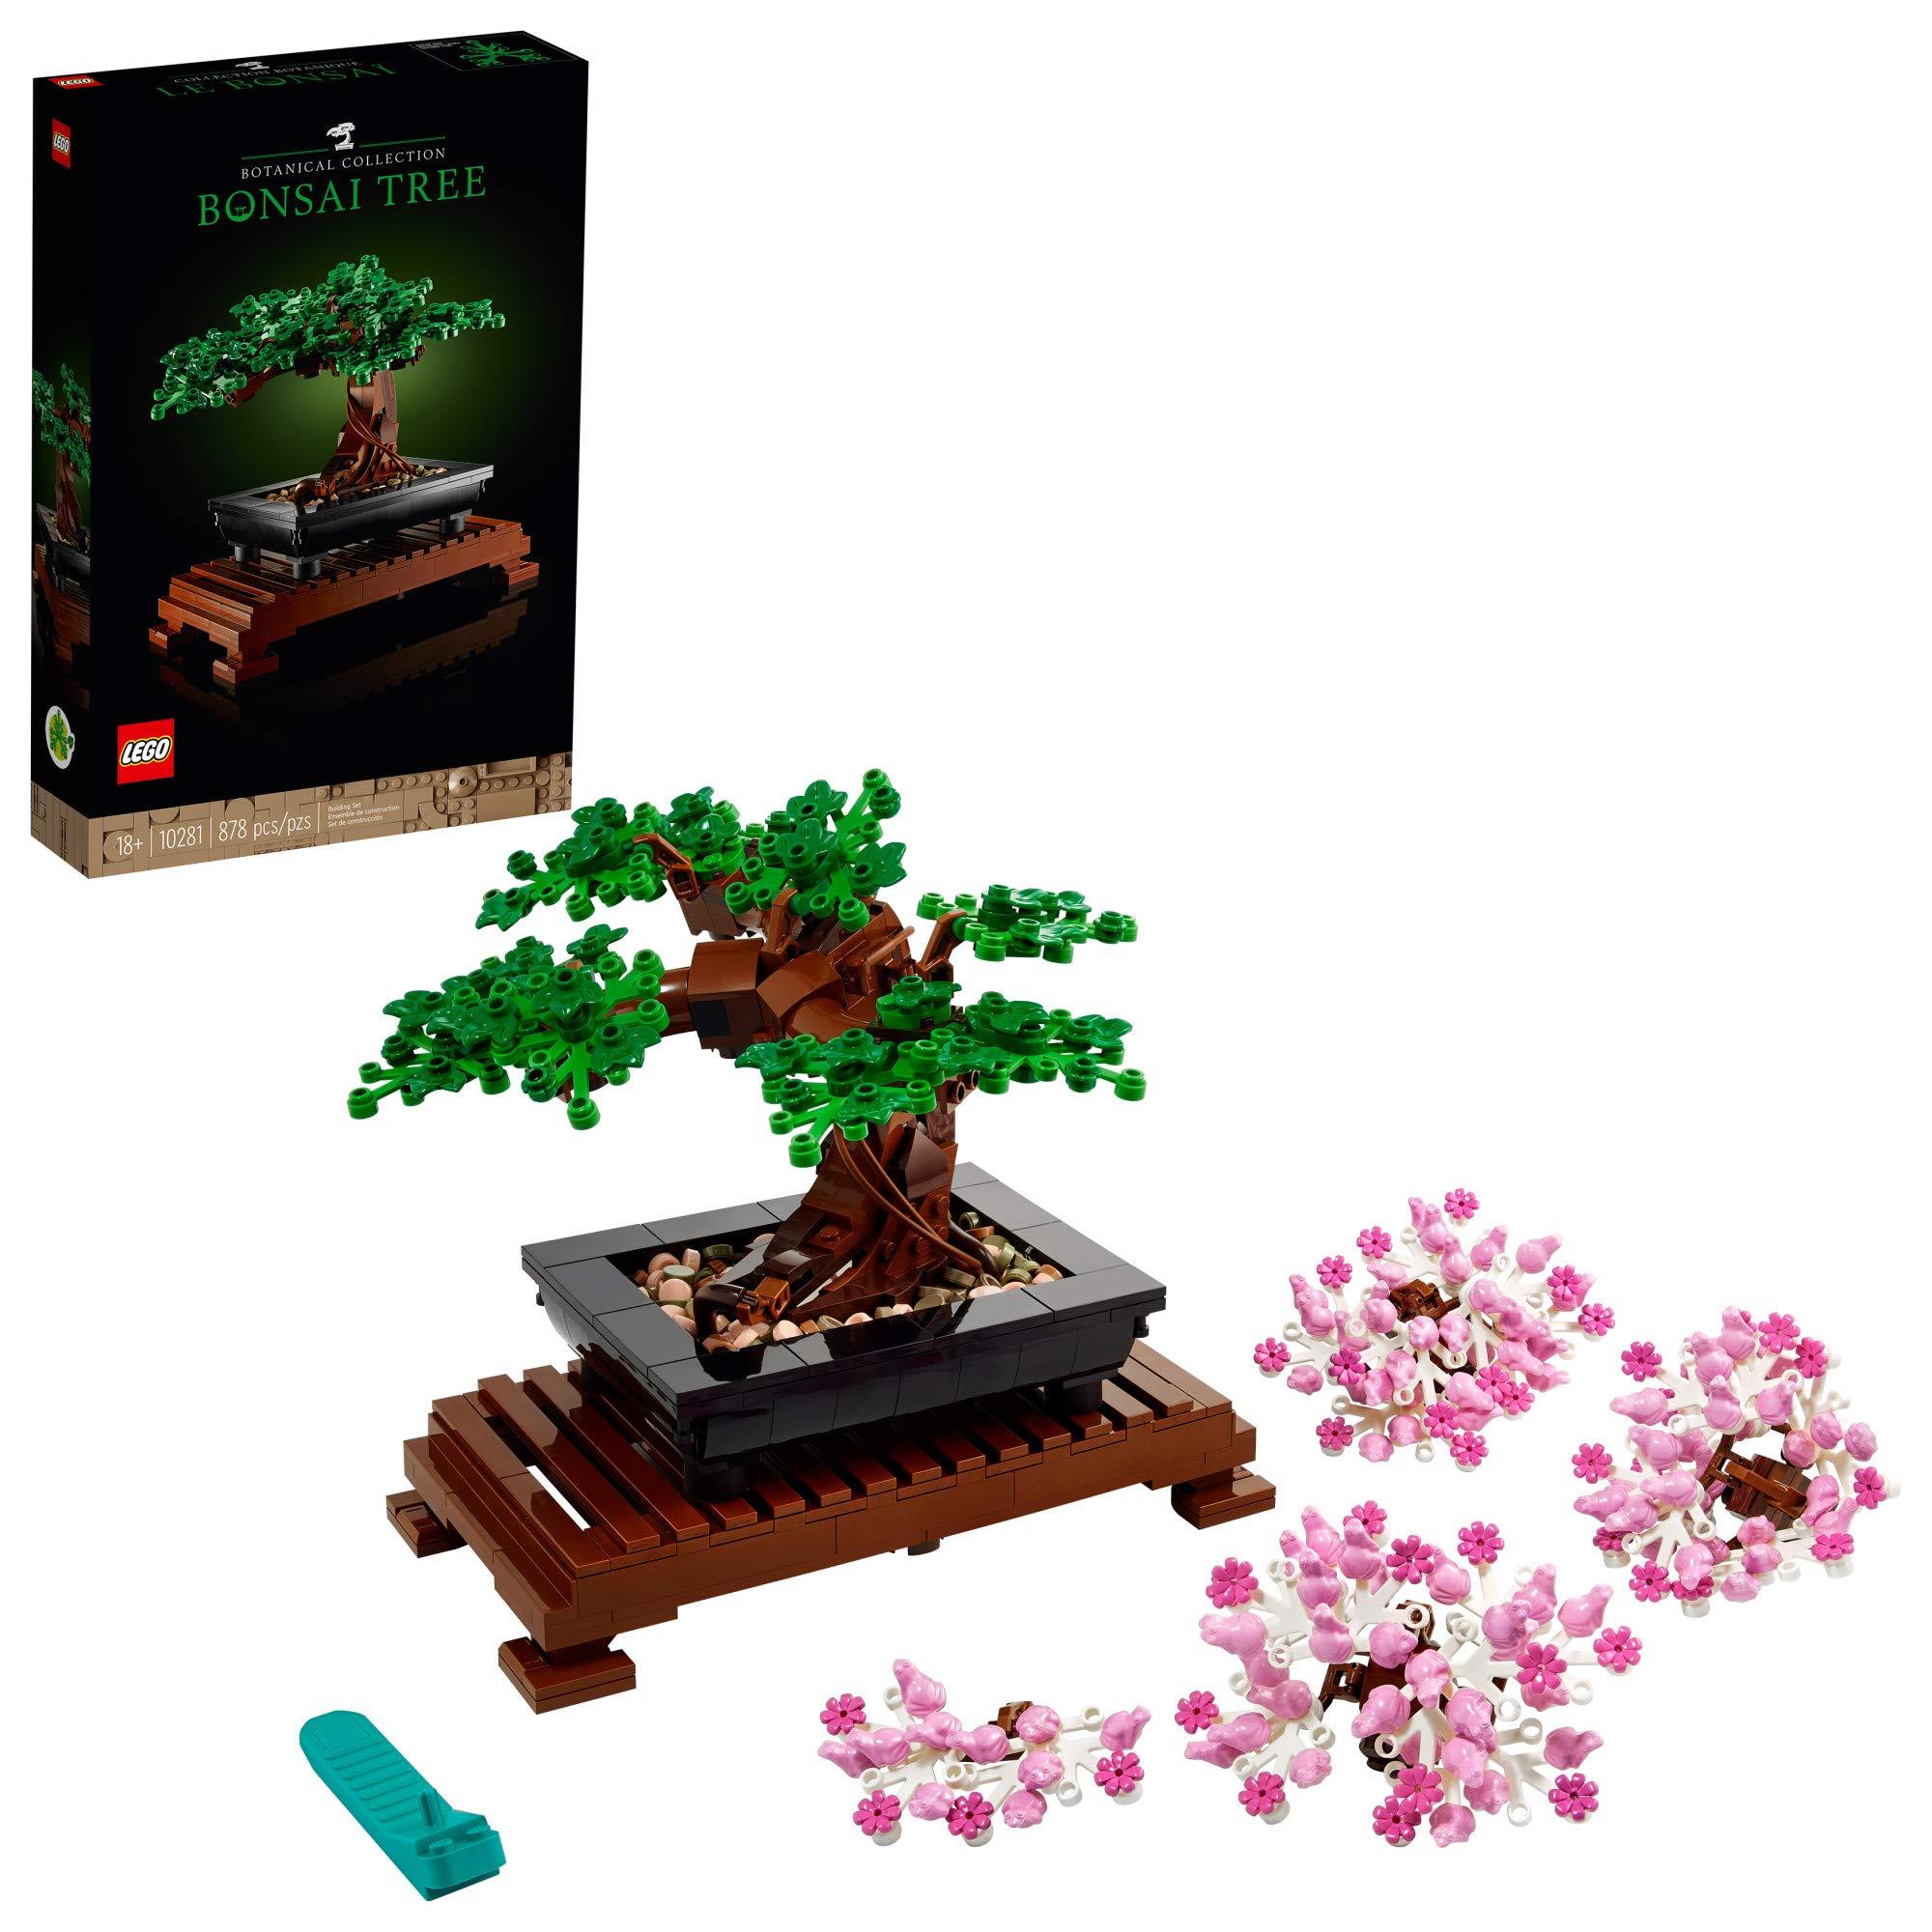 Lego Bonsai Tree 10281 $40 Walmart & Amazon